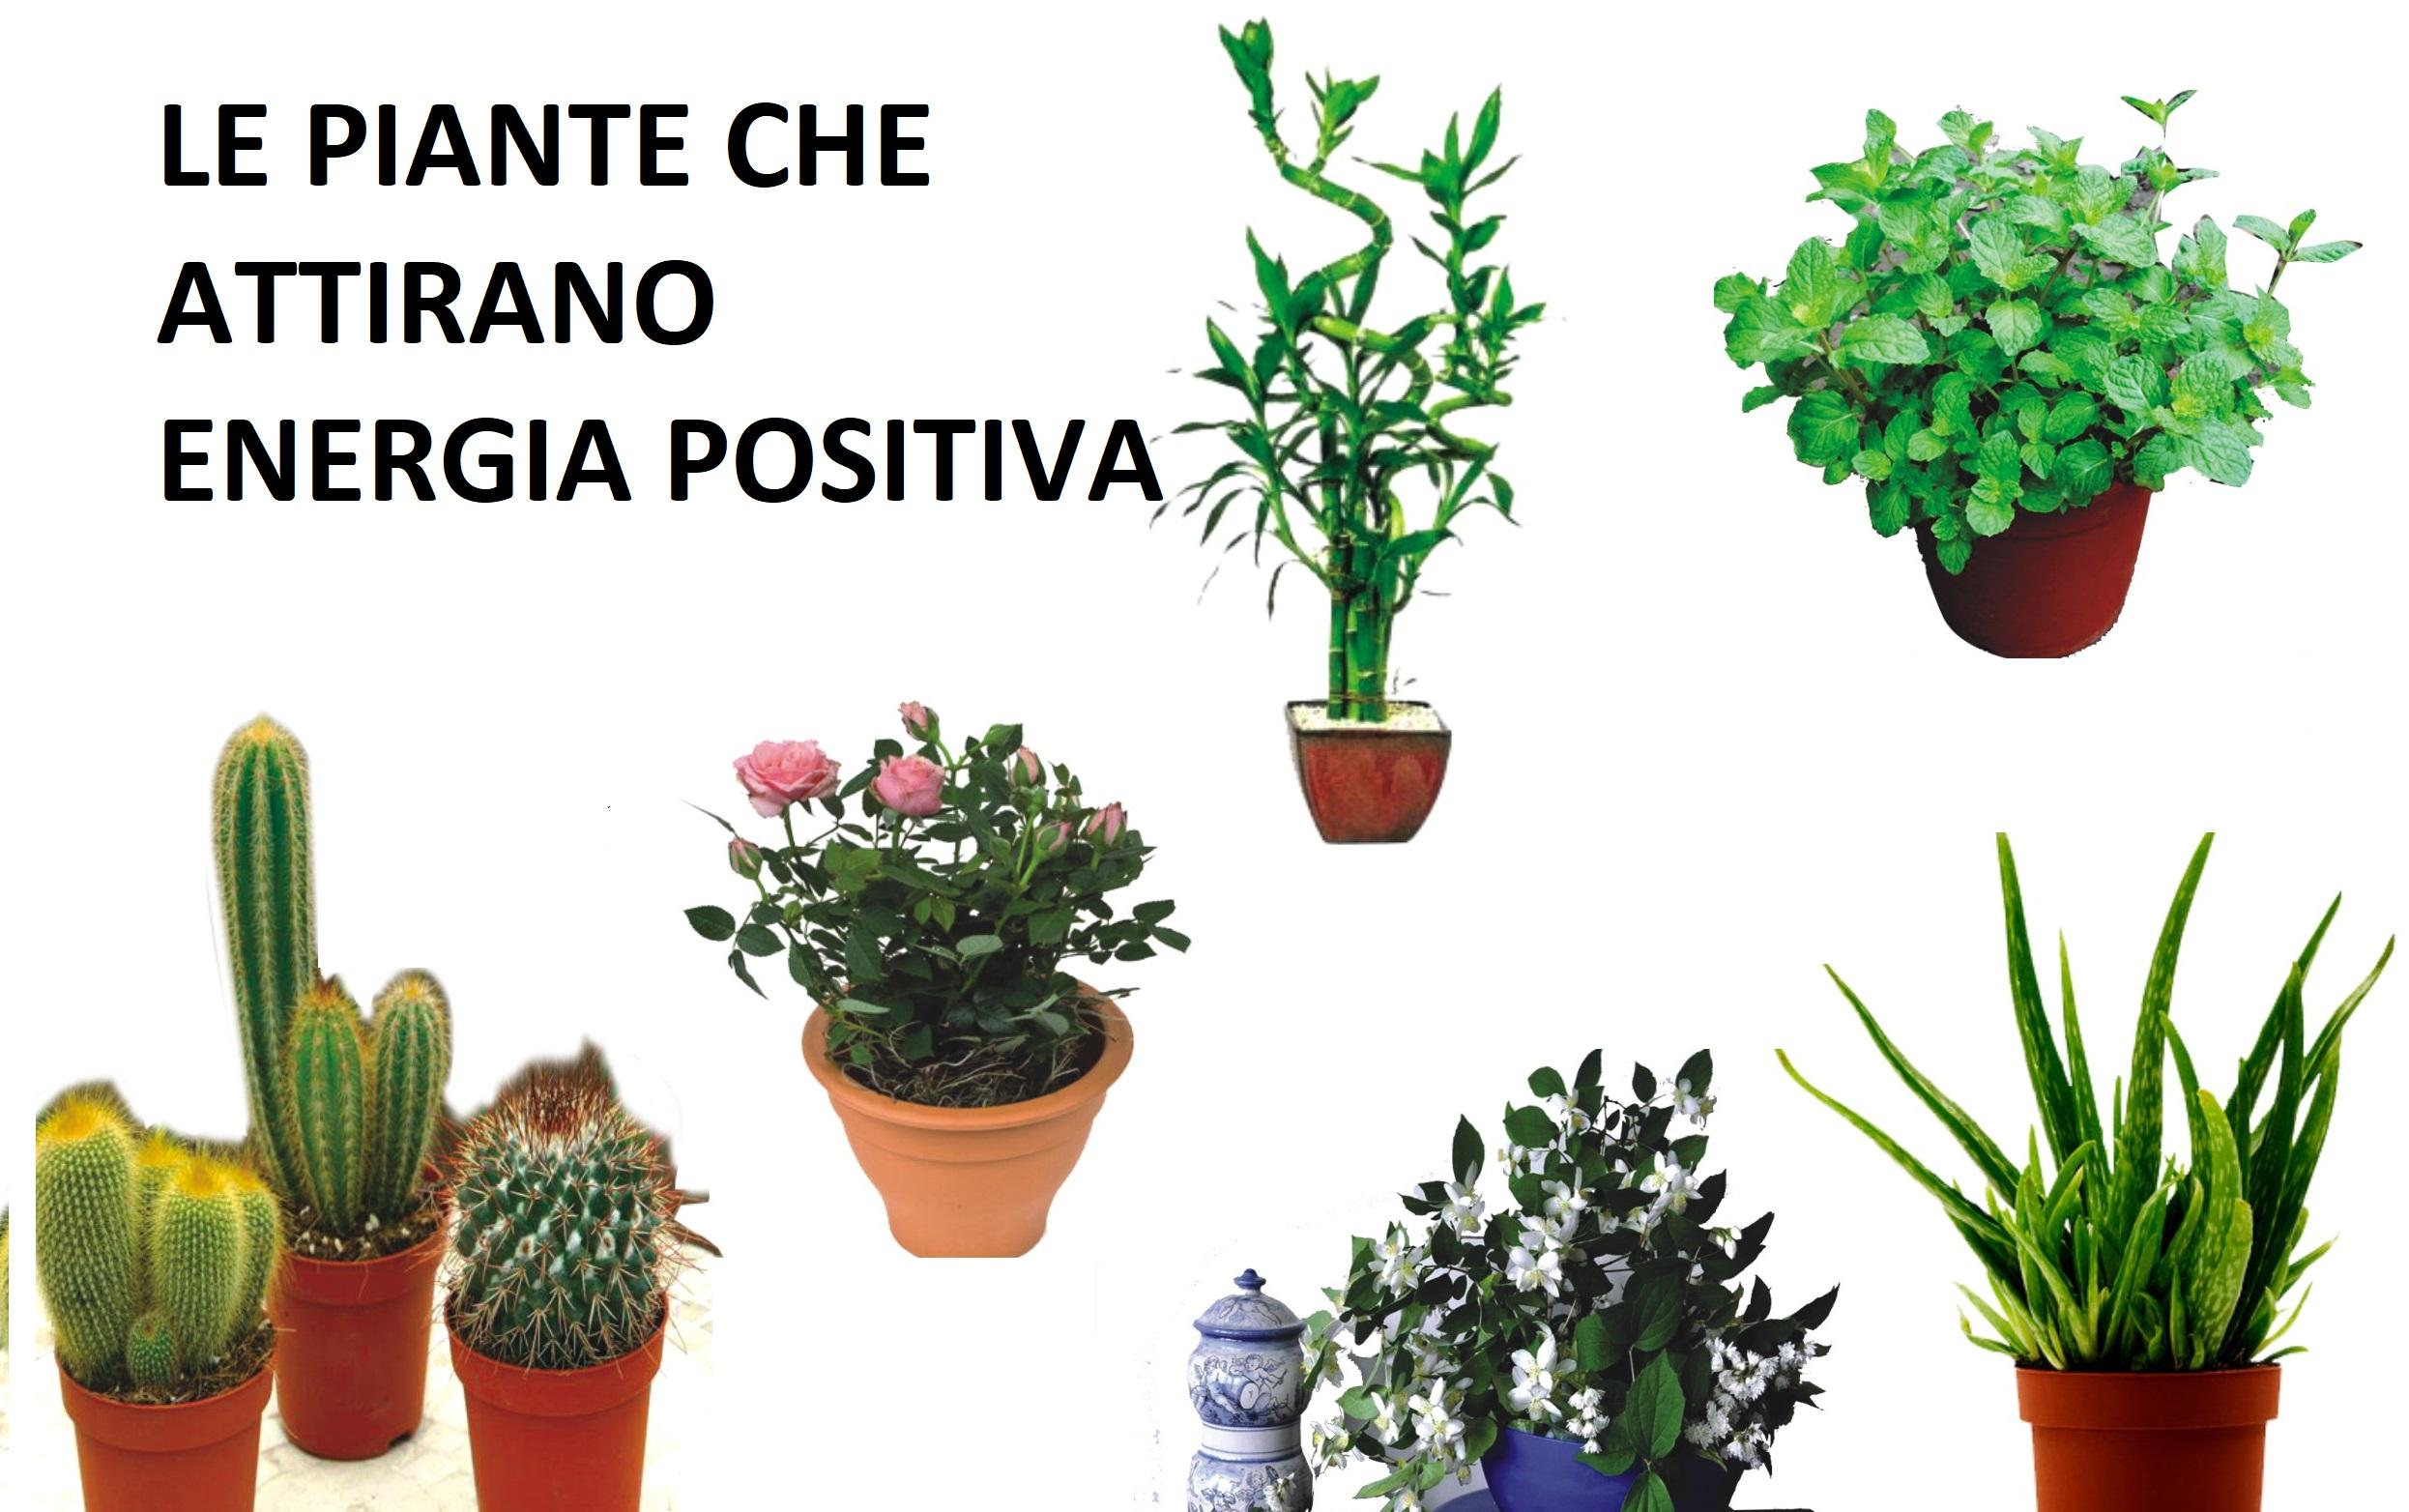 le piante che attraggono energia positiva in casa